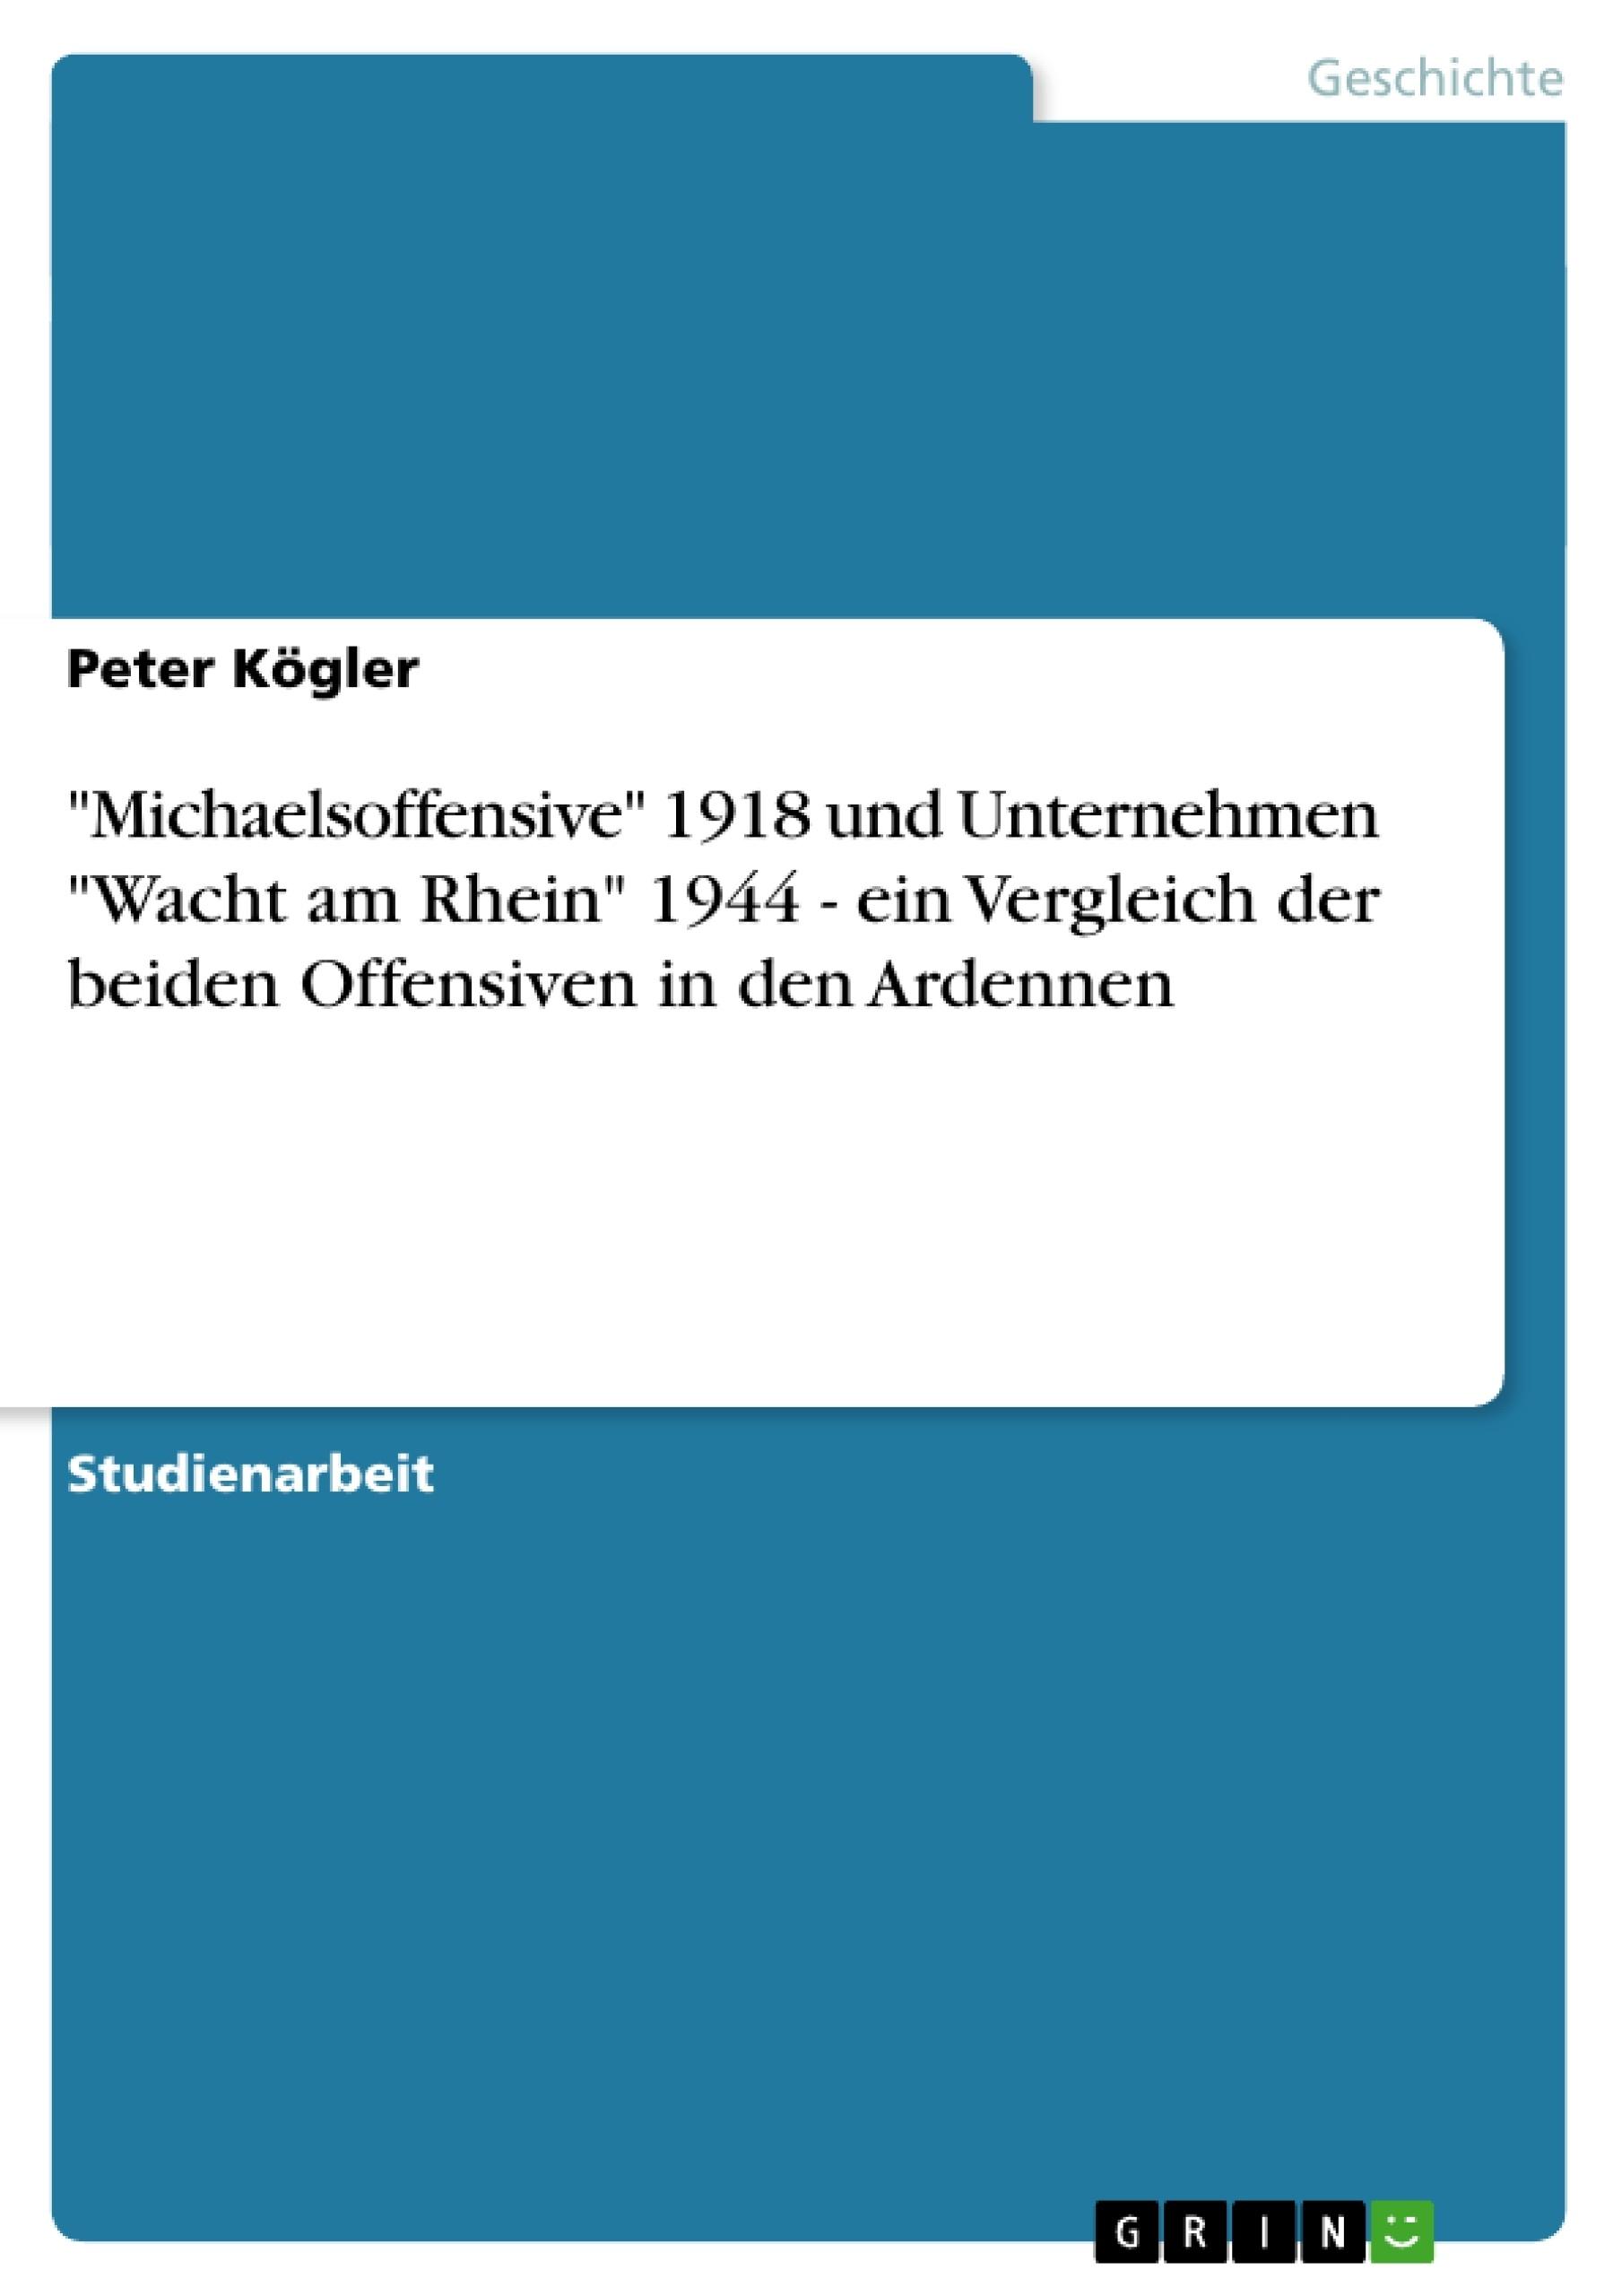 """Titel: """"Michaelsoffensive"""" 1918 und Unternehmen """"Wacht am Rhein"""" 1944 - ein Vergleich der beiden Offensiven in den Ardennen"""